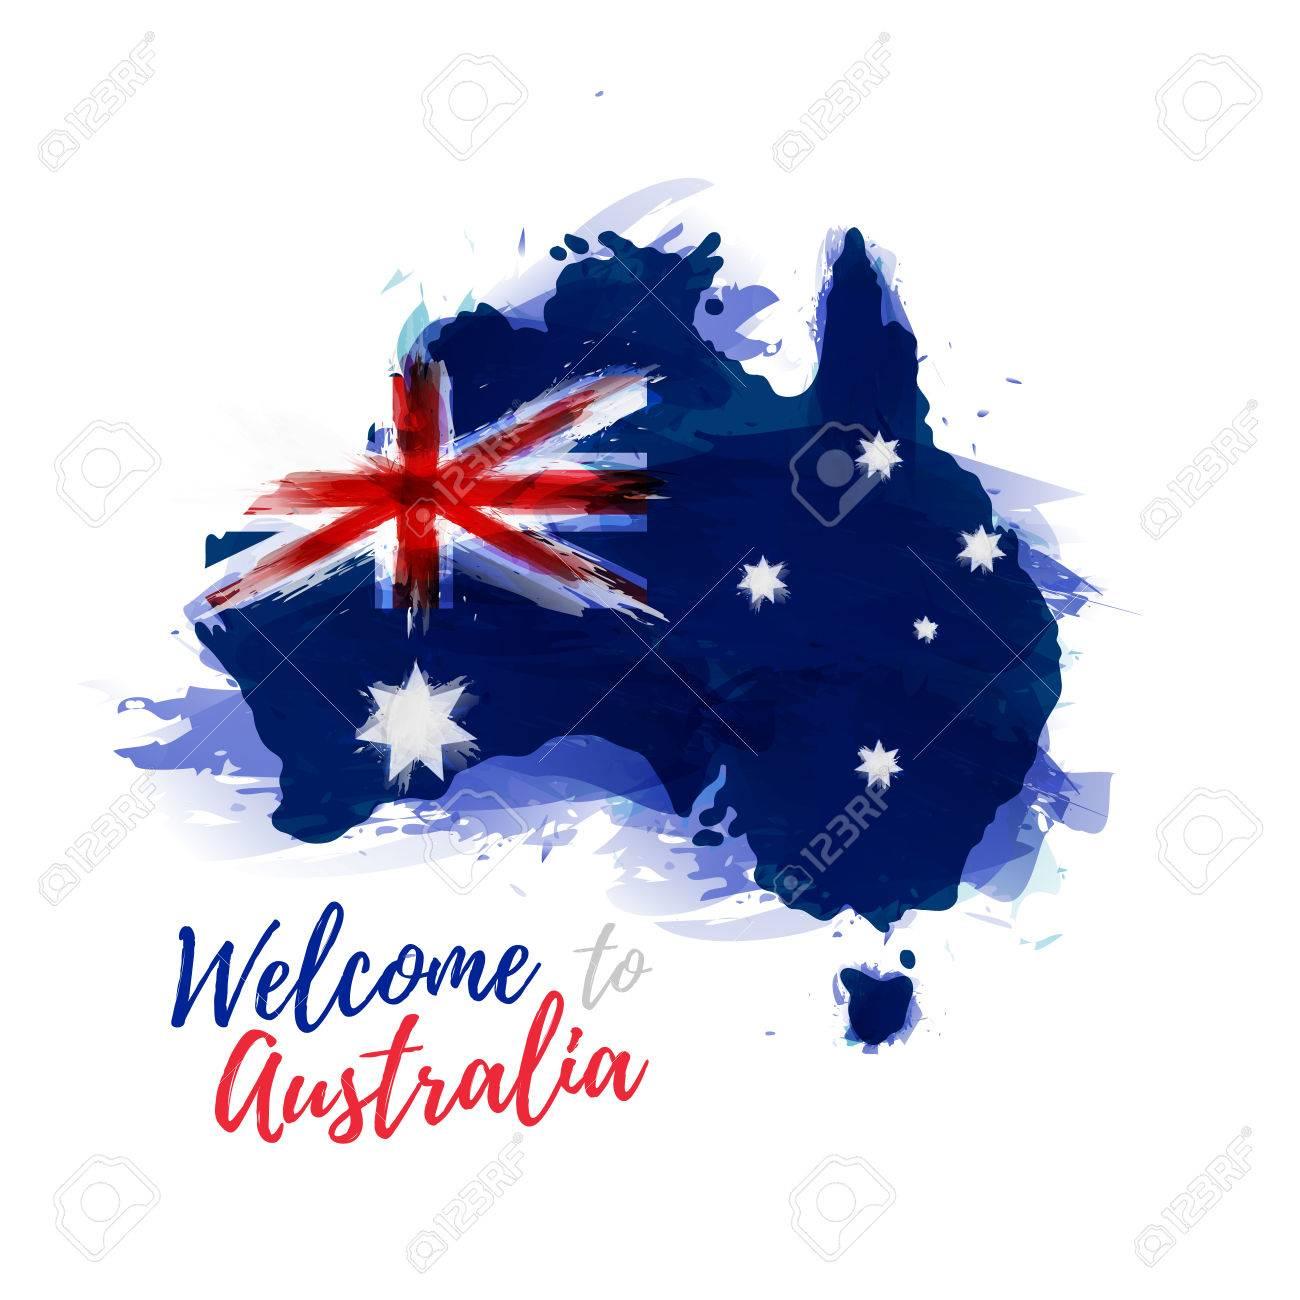 Carte Australie Drapeau.Symbole Affiche Banniere Australie Carte De L Australie Avec La Decoration Du Drapeau National Style De Dessin A L Aquarelle Carte De L Australie